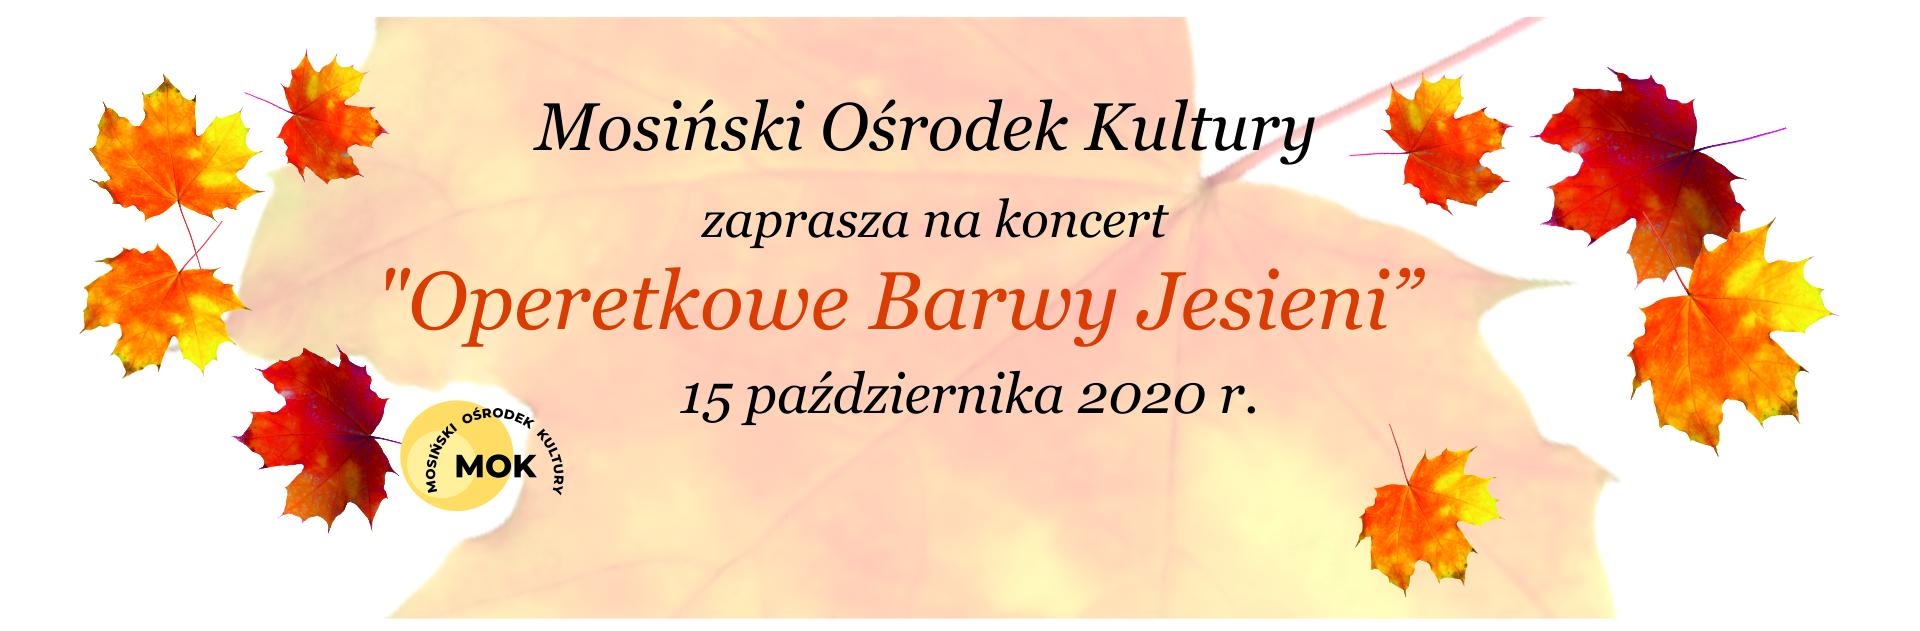 """baner zapraszający na koncert operetkowy; """"Mosiński Ośrodek Kultury zaprasza na koncert """"Operetkowe Barwy Jesieni"""" 15 października 2020 roku."""" wokół napisu liście klonu oraz logotyp MOK"""